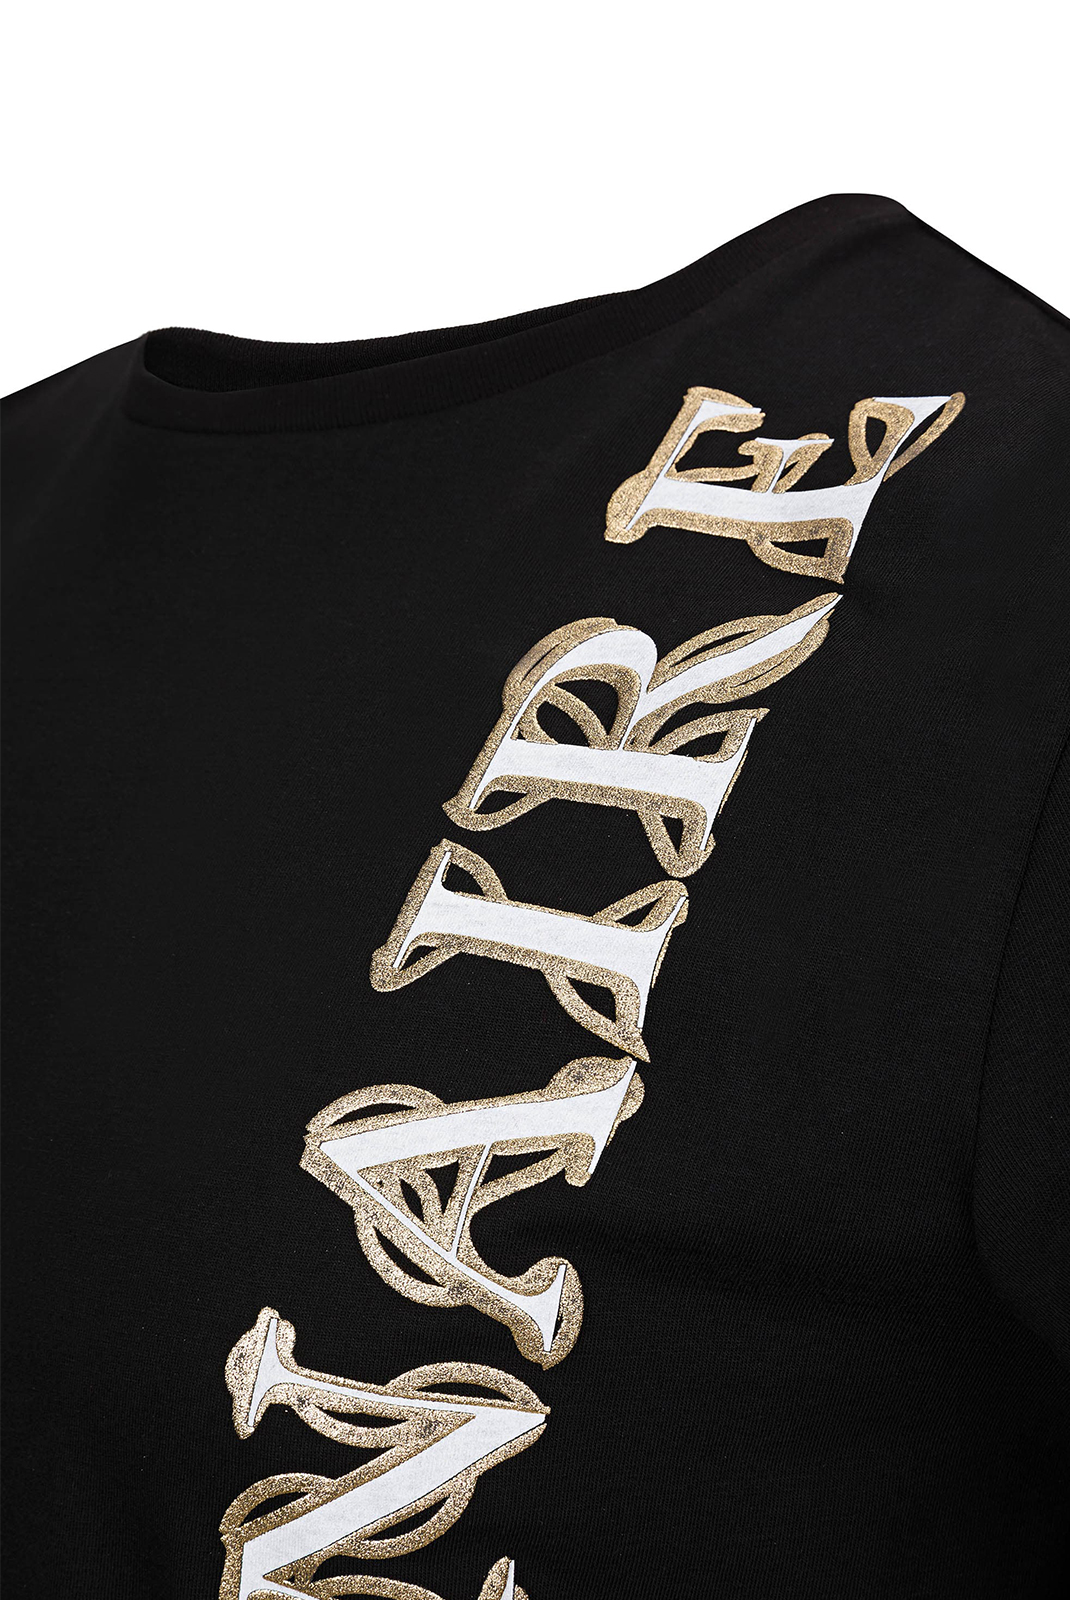 T-S manches courtes  Billionaire MTK1984 BRASS 02 BLACK